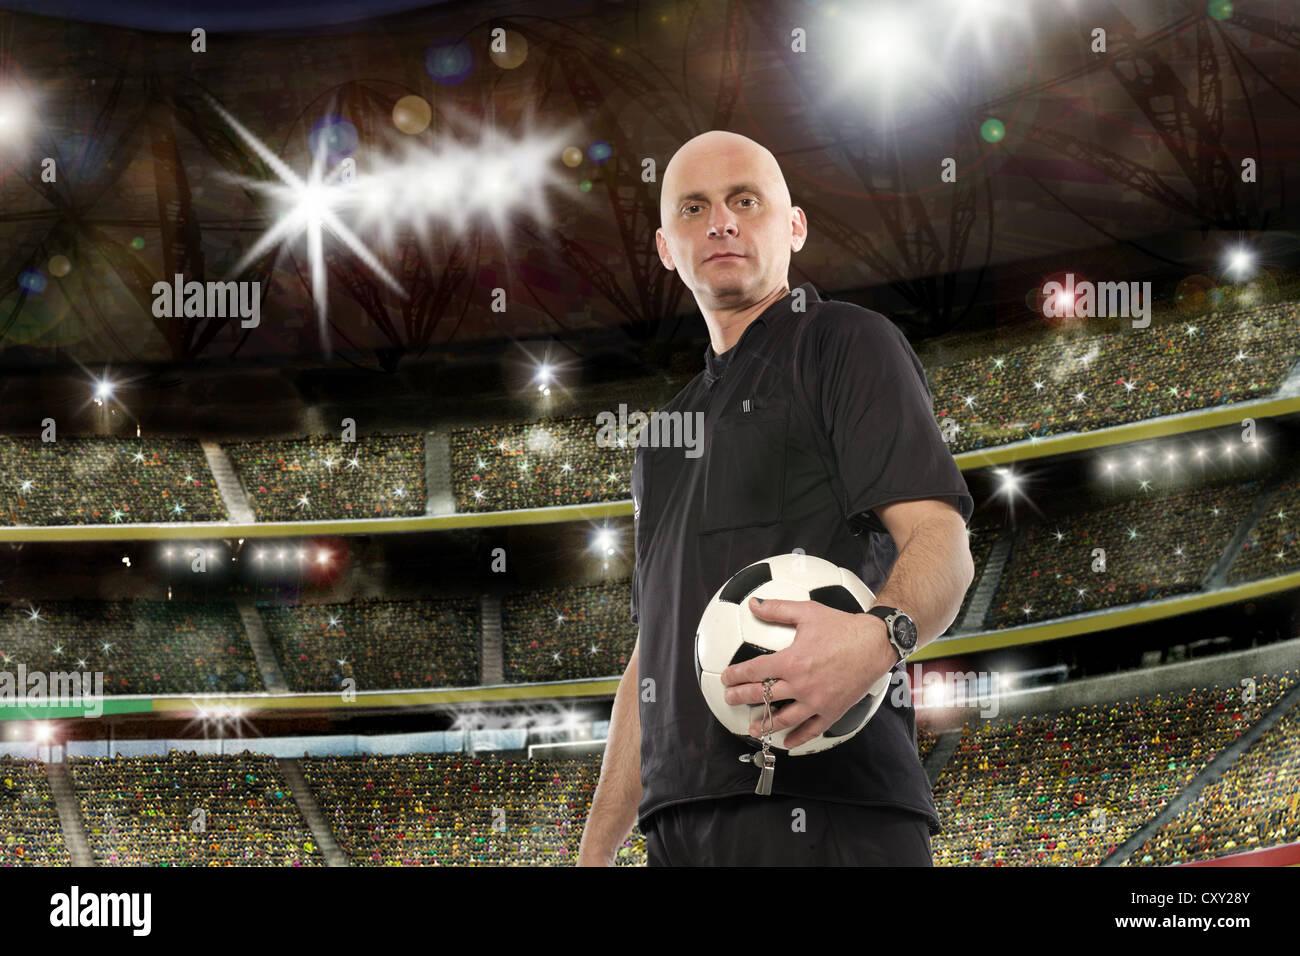 Schiedsrichter mit einem Fußball, Fußball-Stadion Stockbild